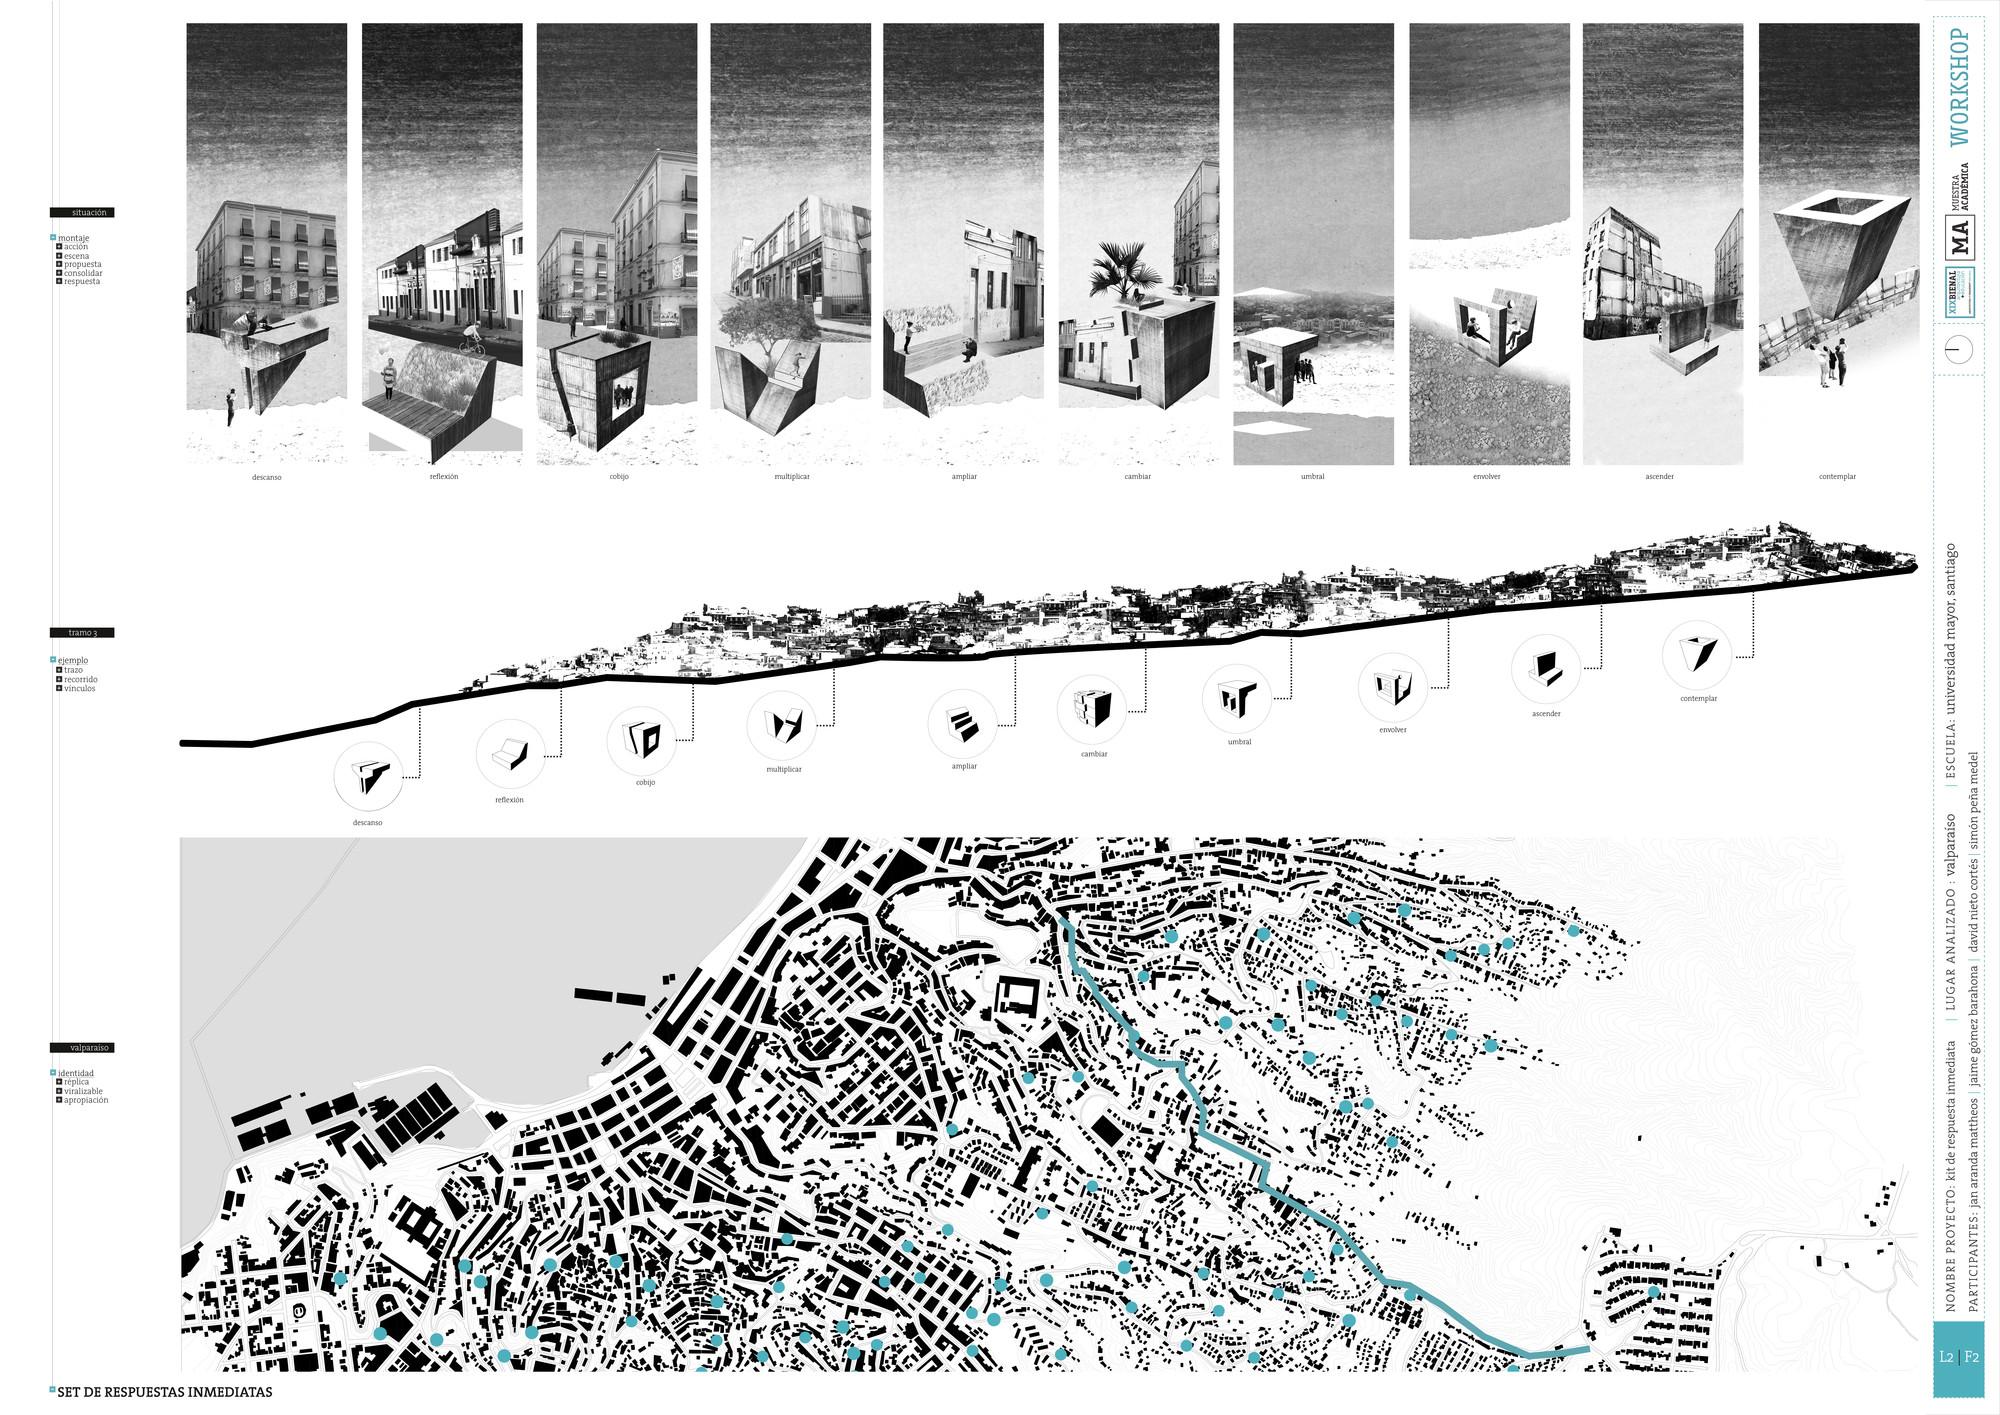 Premio Metodología UMayor Santiago: Lámina #02. Image Cortesia de Equipo XIX Bienal